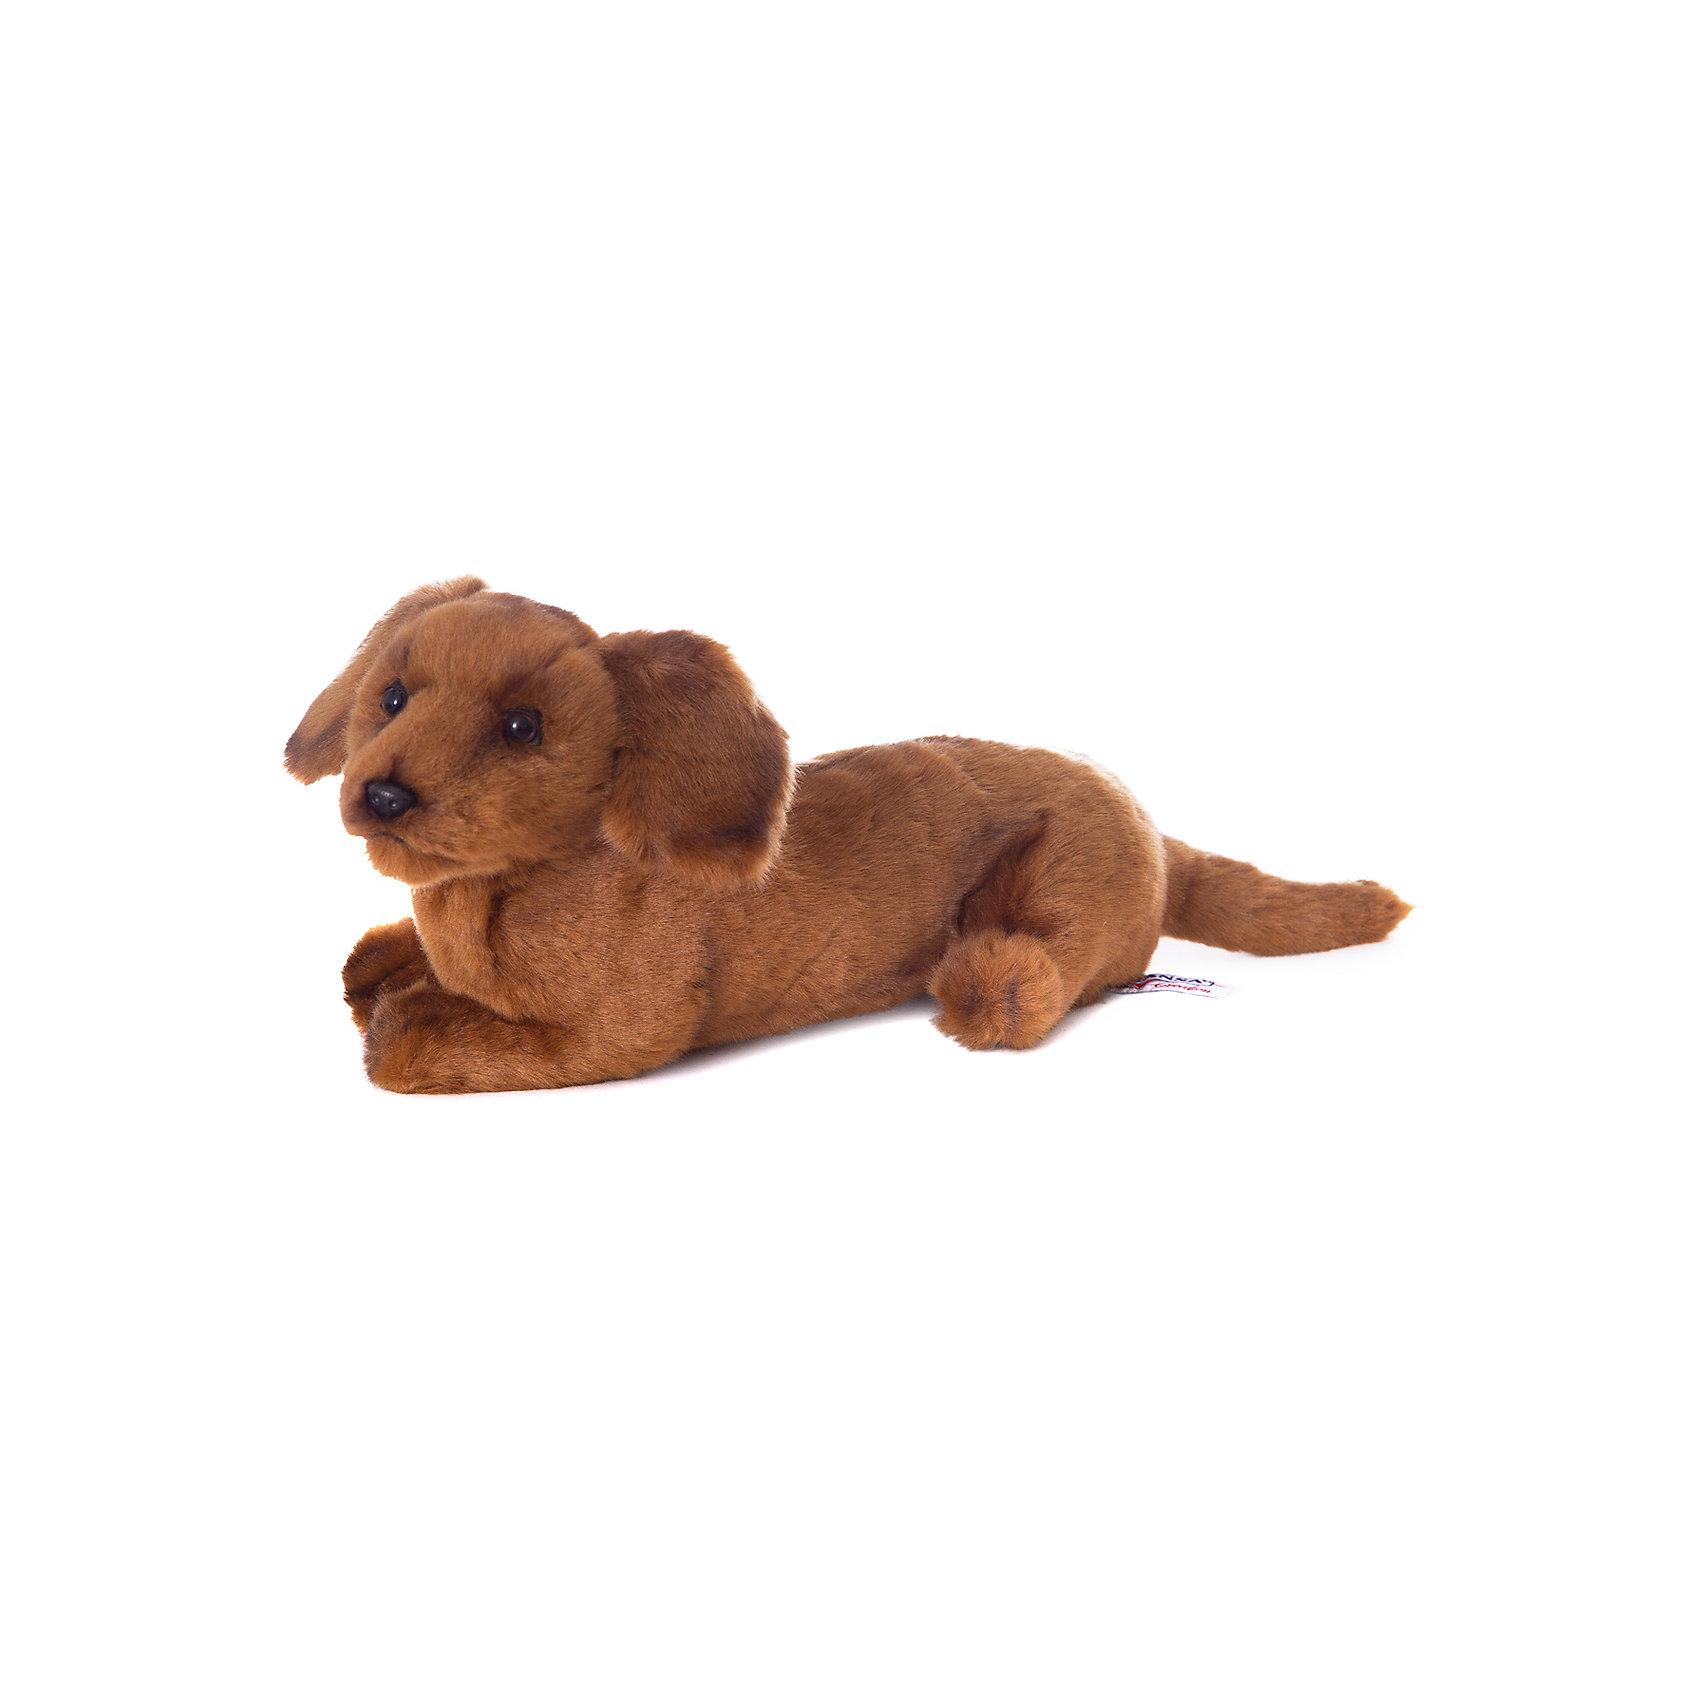 Щенок таксы, 40 смЩенок таксы, 40 см – игрушка от знаменитого бренда Hansa, специализирующегося на выпуске мягких игрушек с высокой степенью натуралистичности. Внешний вид игрушечного щенка полностью соответствует своему реальному прототипу – собаке породы Такса. Он выполнен из искусственного меха с коротким ворсом. Окрас игрушки полностью имитирует окрас, характерный для таксы. Использованные материалы обладают гипоаллергенными свойствами. Внутри игрушки имеется металлический каркас, позволяющий изменять положение. <br>Игрушка относится к серии Домашние животные. <br>Мягкие игрушки от Hansa подходят для сюжетно-ролевых игр, для обучающих игр, направленных на знакомство с миром живой природы. Кроме того, их можно использовать в качестве интерьерных игрушек. Представленные у торгового бренда разнообразие игрушечных собак позволяет собрать свою коллекцию пород, которая будет радовать вашего ребенка долгое время, так как ручная работа и качественные материалы гарантируют их долговечность и прочность.<br><br>Дополнительная информация:<br><br>- Вид игр: сюжетно-ролевые игры, коллекционирование, интерьерные игрушки<br>- Предназначение: для дома, для детских развивающих центров, для детских садов<br>- Материал: искусственный мех, наполнитель ? полиэфирное волокно<br>- Размер (ДхШхВ): 13*16*40 см<br>- Вес: 640 г<br>- Особенности ухода: сухая чистка при помощи пылесоса или щетки для одежды<br><br>Подробнее:<br><br>• Для детей в возрасте: от 3 лет <br>• Страна производитель: Филиппины<br>• Торговый бренд: Hansa<br><br>Щенка таксы, 40 см можно купить в нашем интернет-магазине.<br><br>Ширина мм: 13<br>Глубина мм: 16<br>Высота мм: 40<br>Вес г: 640<br>Возраст от месяцев: 36<br>Возраст до месяцев: 2147483647<br>Пол: Унисекс<br>Возраст: Детский<br>SKU: 4927169